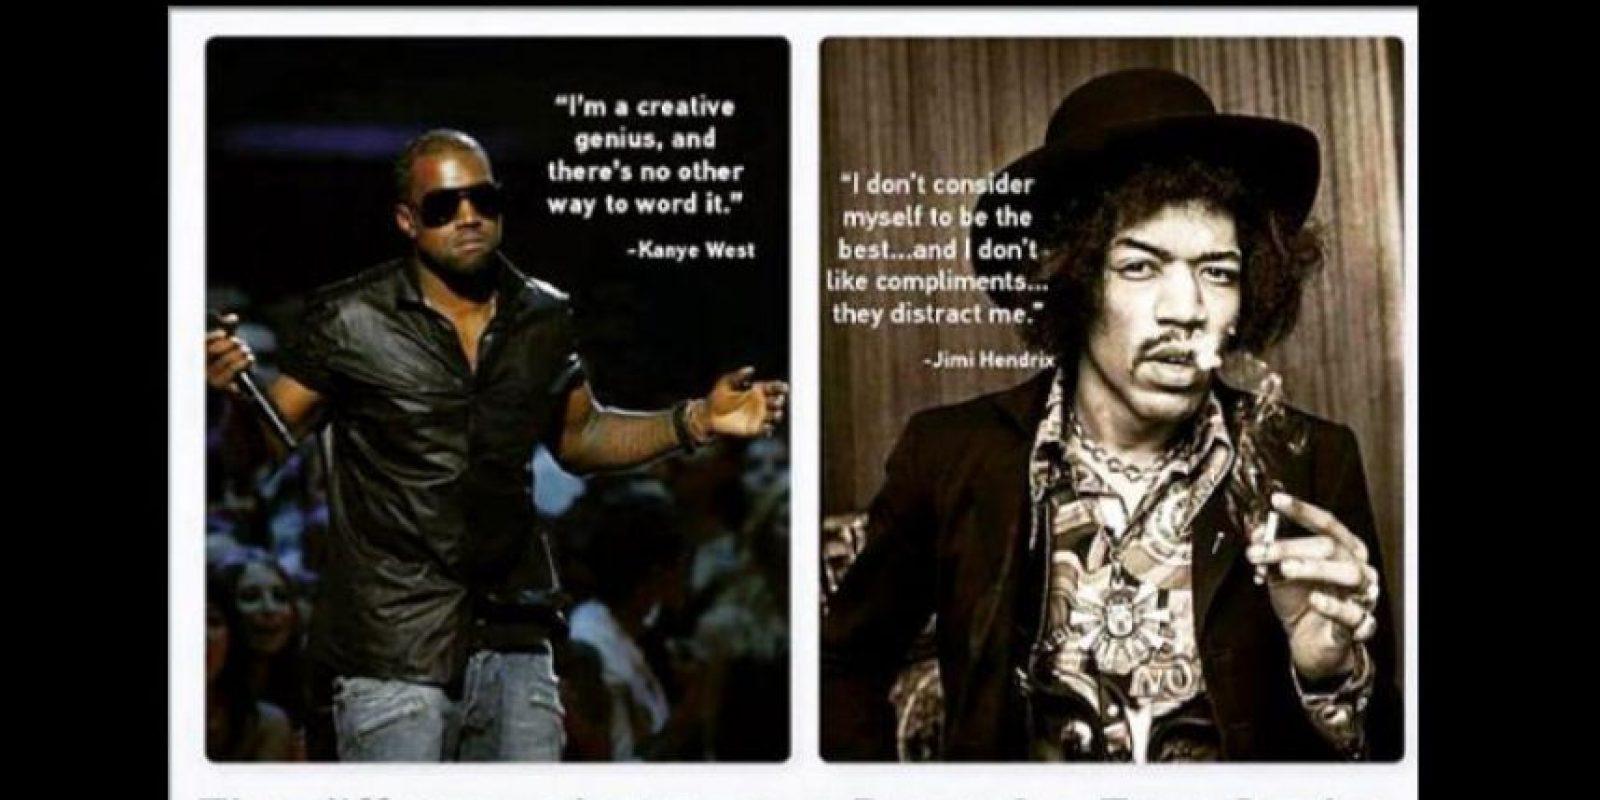 """Otro tuitero lo comparó con Jimmi Hendrixx, que odiaba los halagos, porque le cortaban la inspiración. """"La diferencia entre un genio y un poser."""" Foto:vía Twittter"""